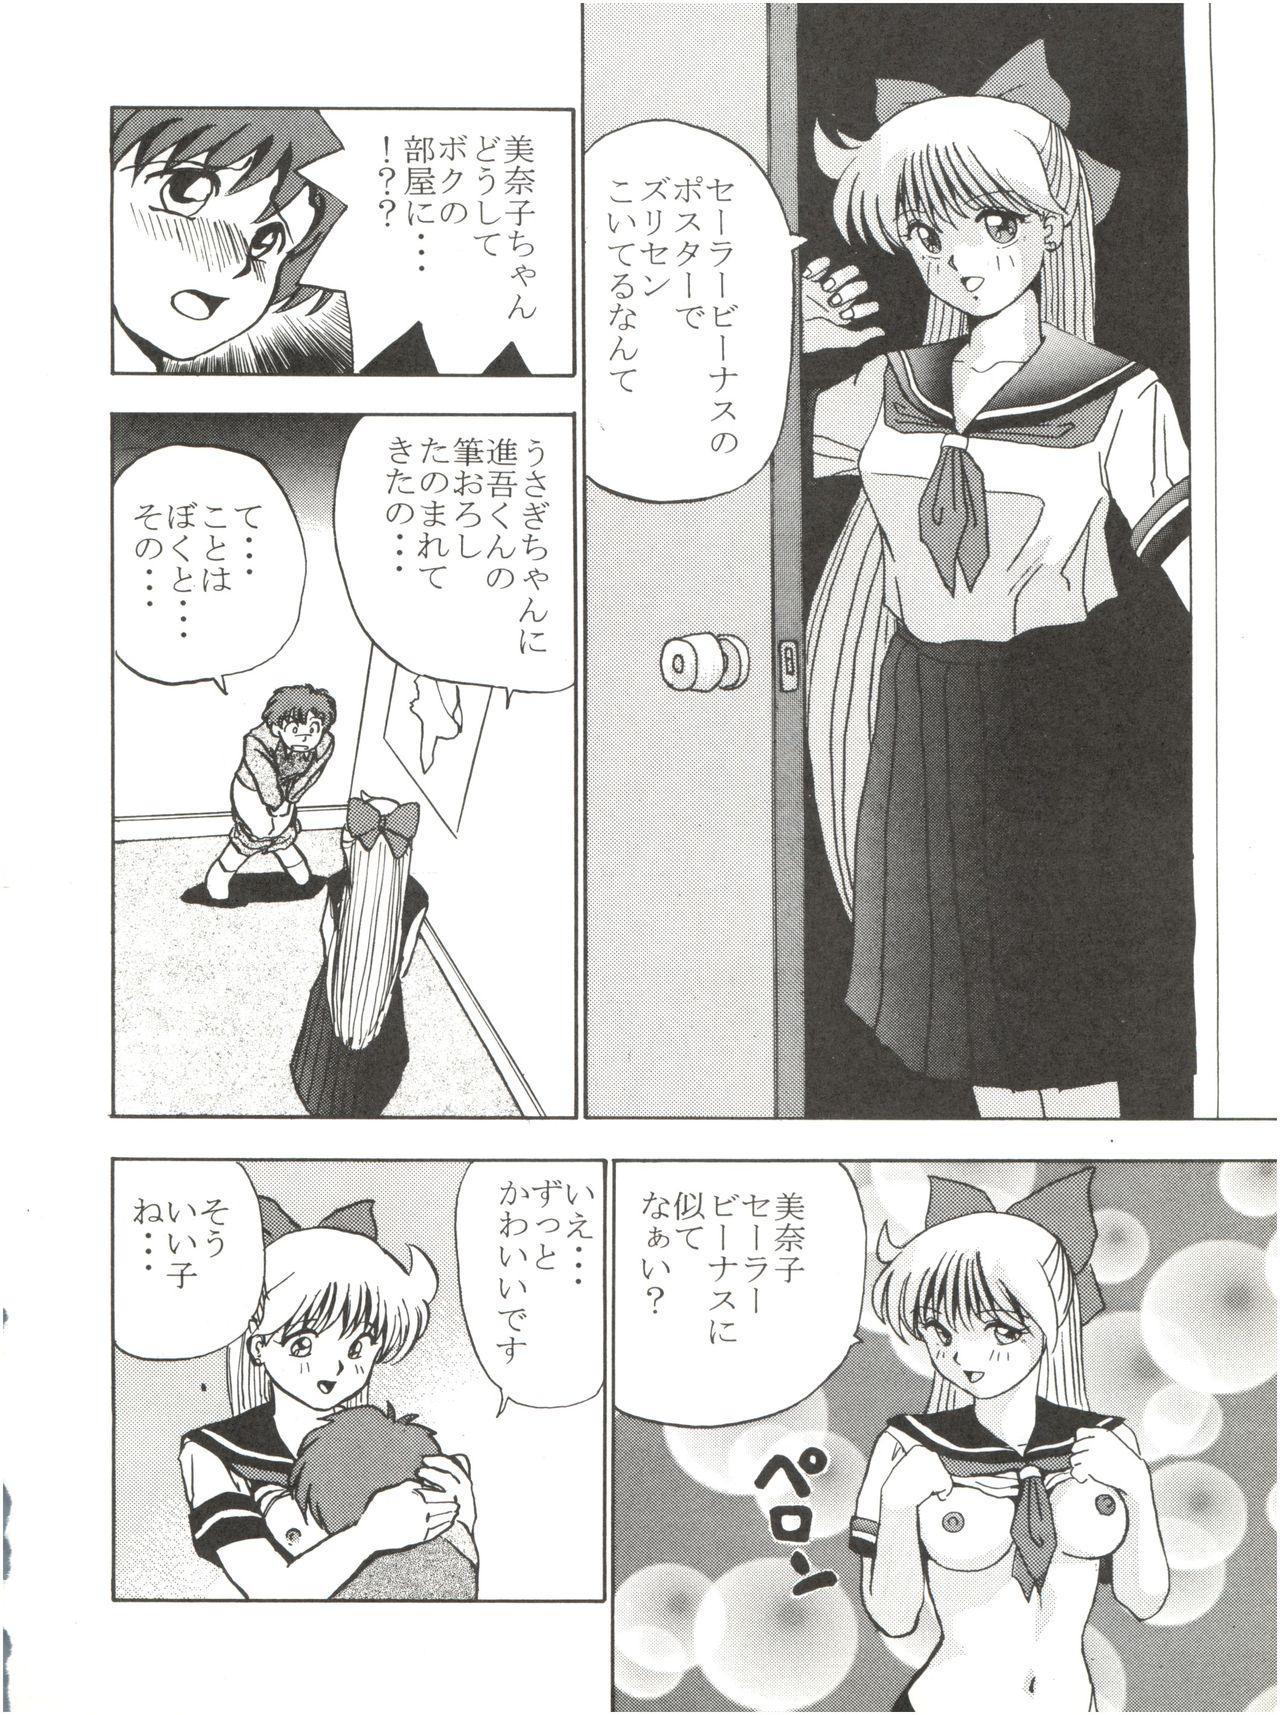 Animedorei 26